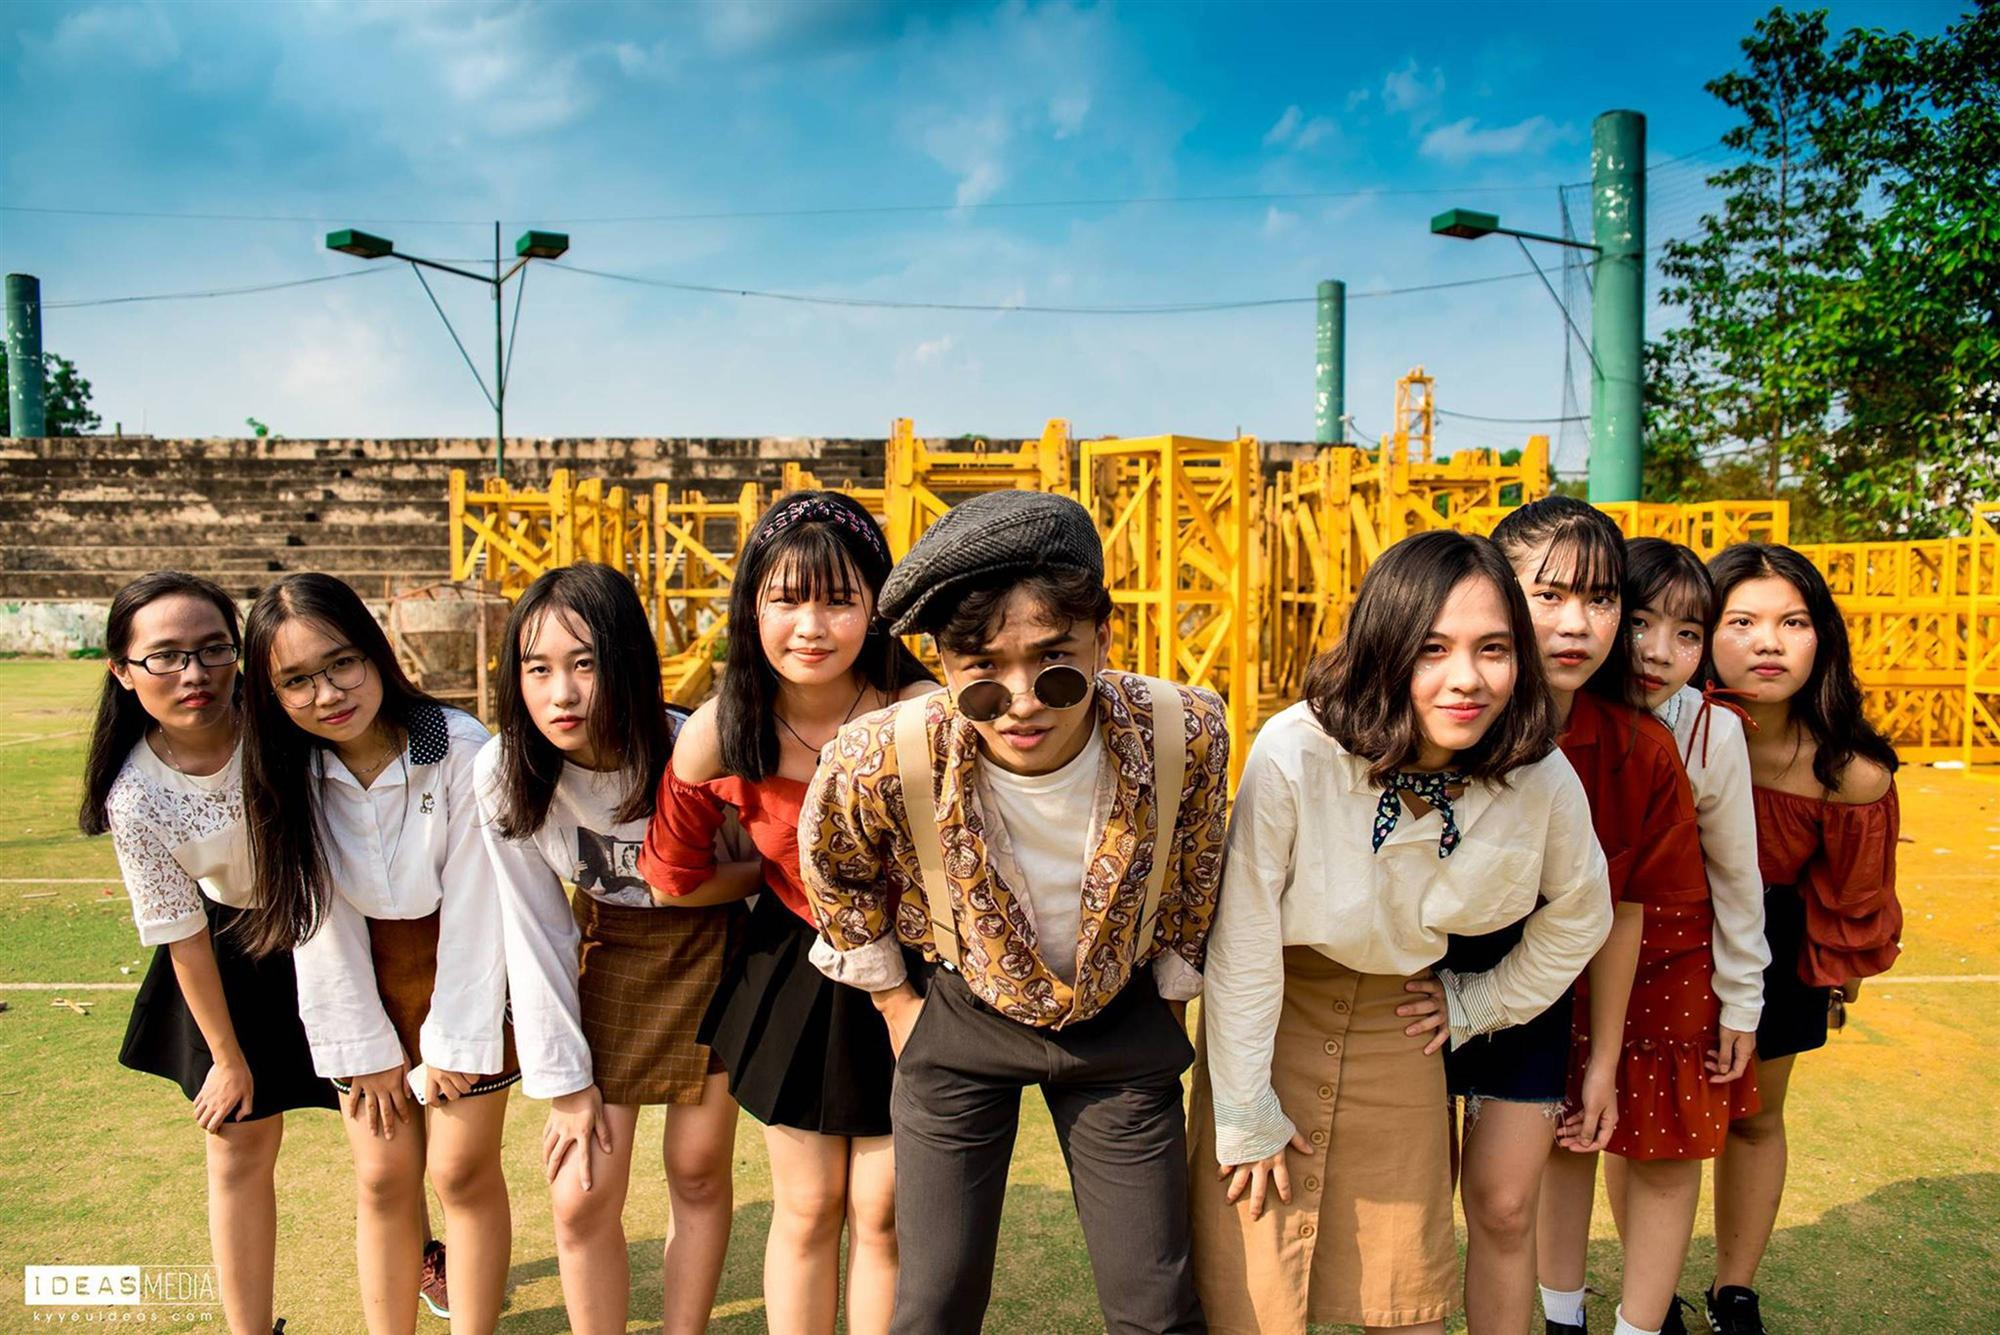 Khi rich kids Việt chụp ảnh kỷ yếu: Lớp chi 80 triệu đi Đà Lạt, lớp chụp hết 40 triệu ở phim trường-19